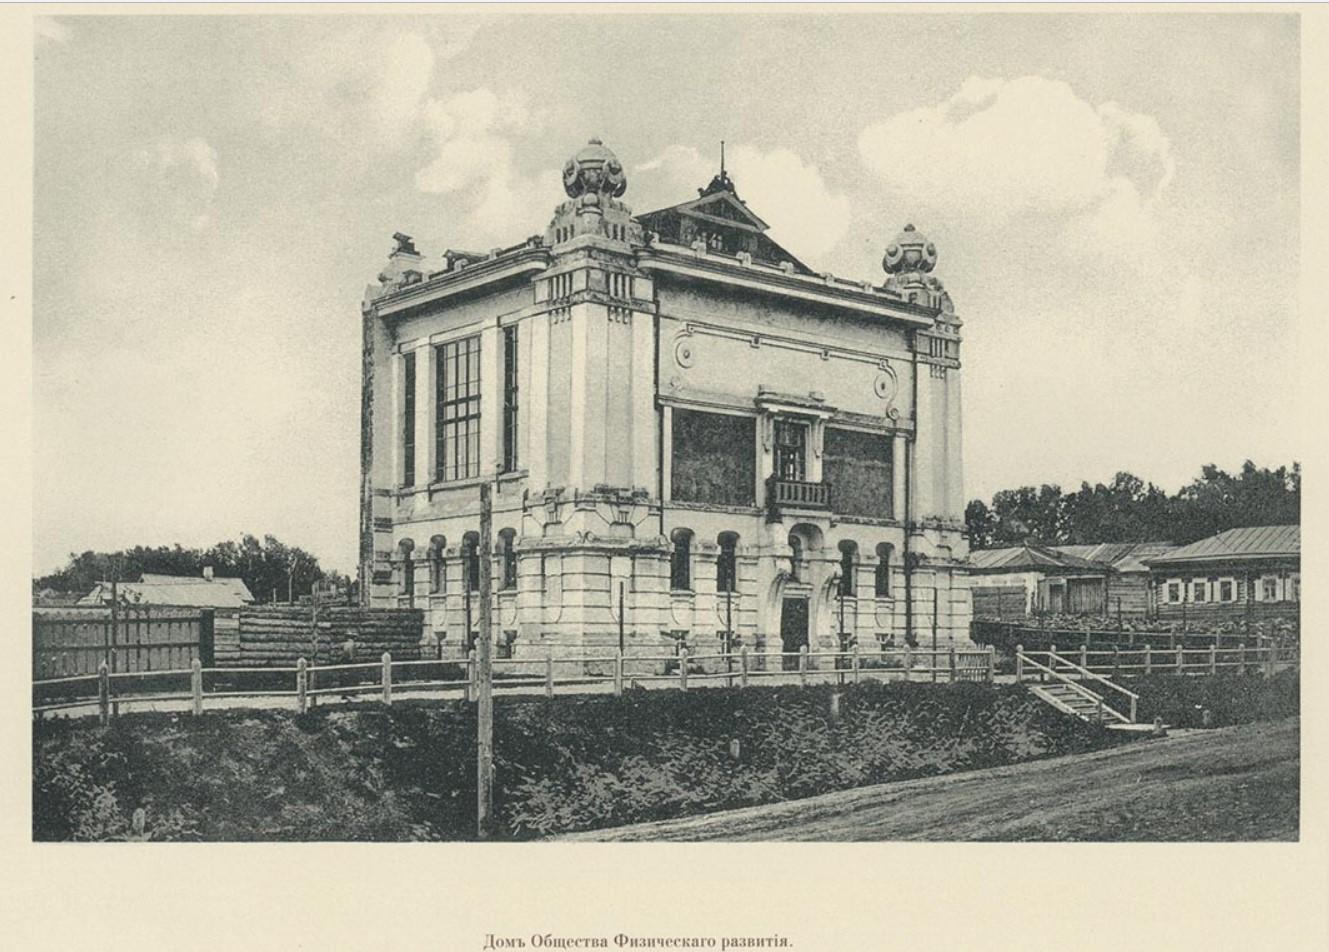 24. Дом Общества физического развития